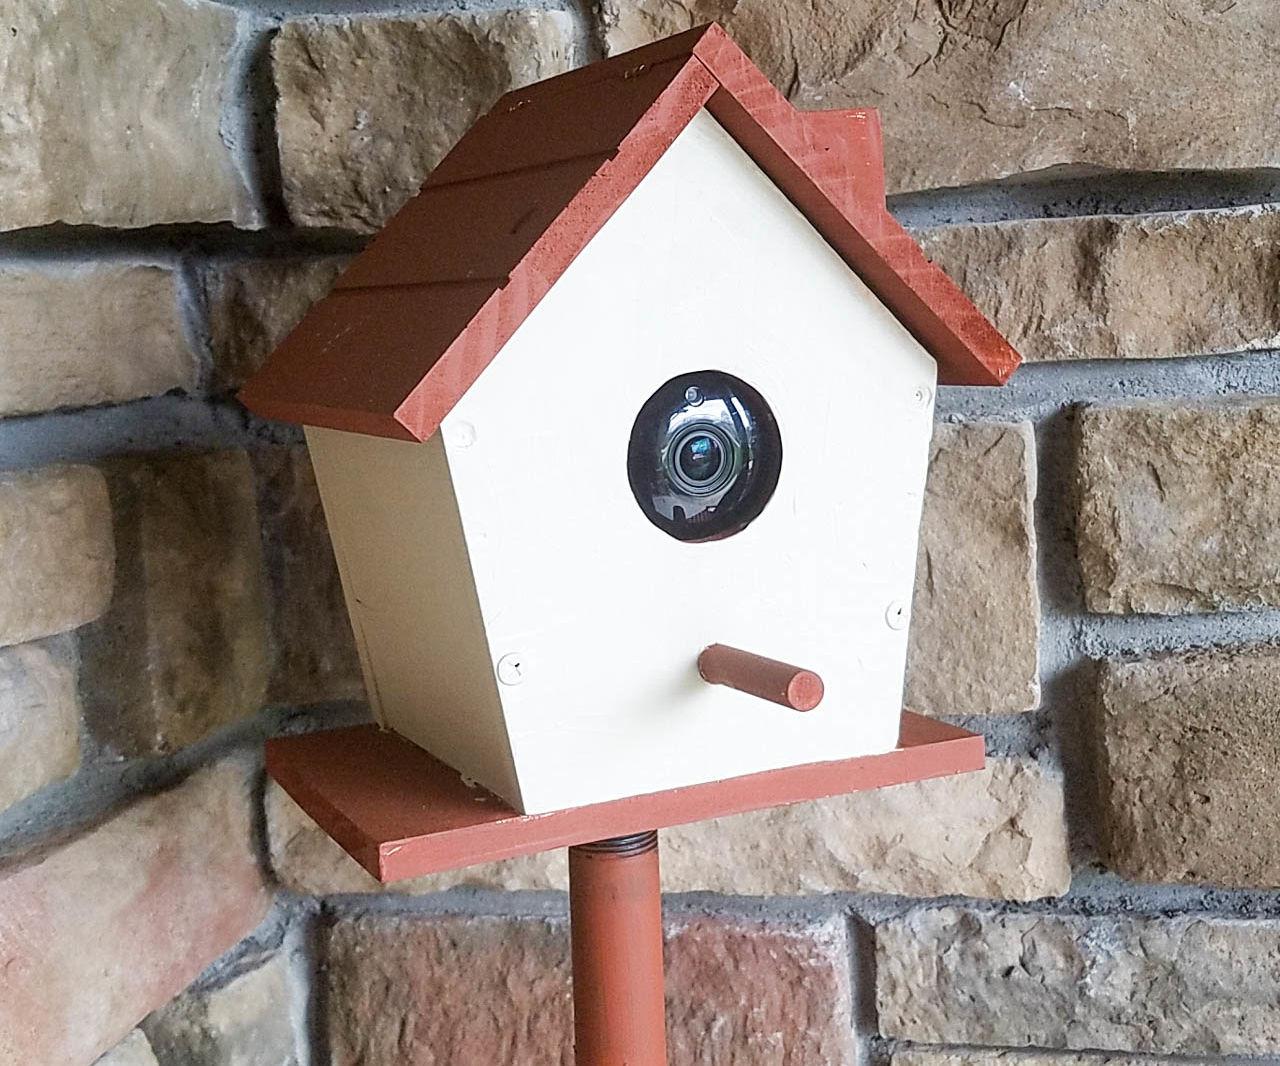 DIY Samsung SmartCam HD Birdhouse Enclosure